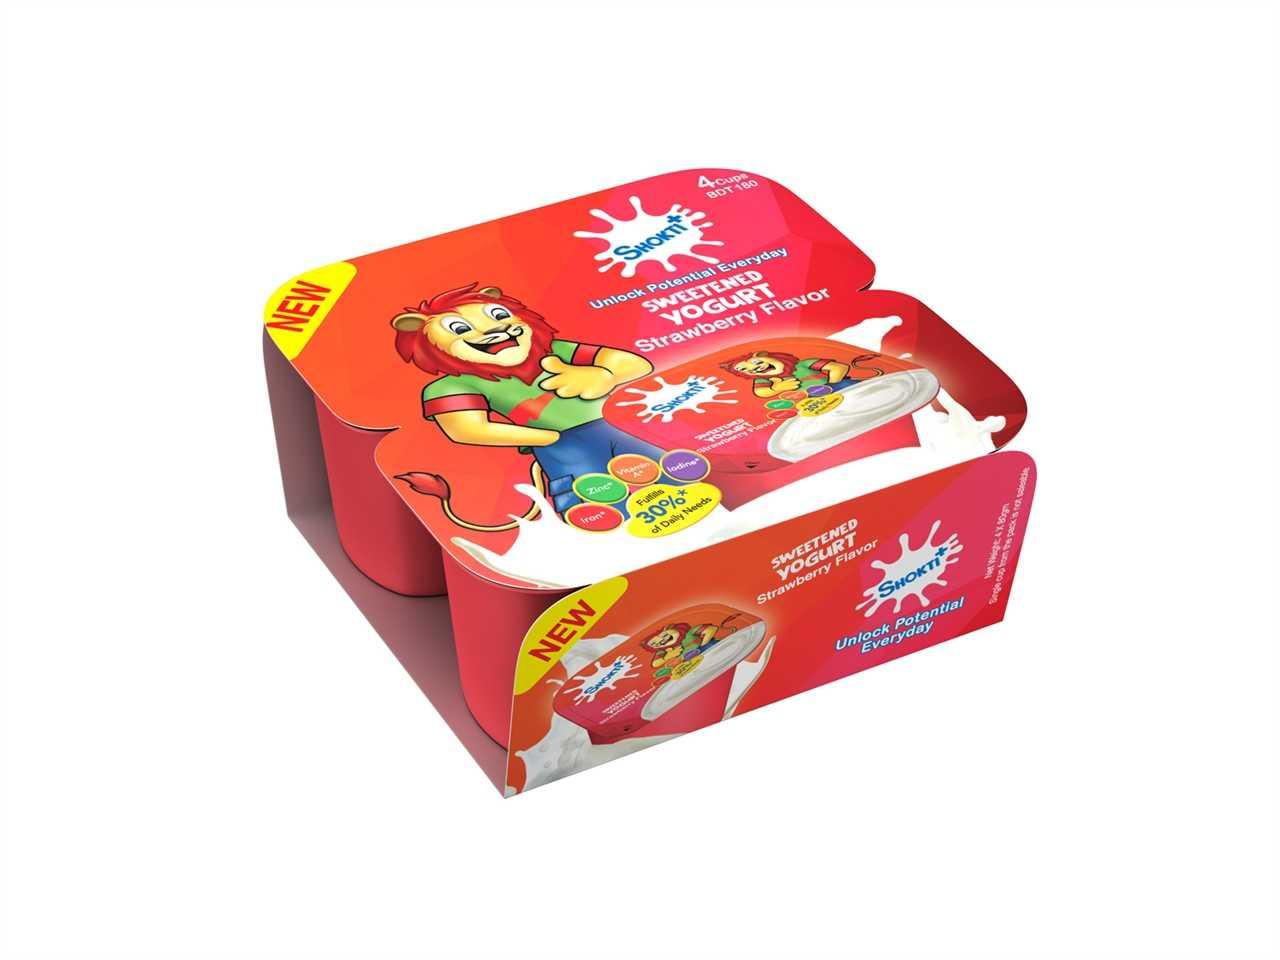 Shakti Plus Sweet Yogurt Strawberry Combo Pack 4 Pcs